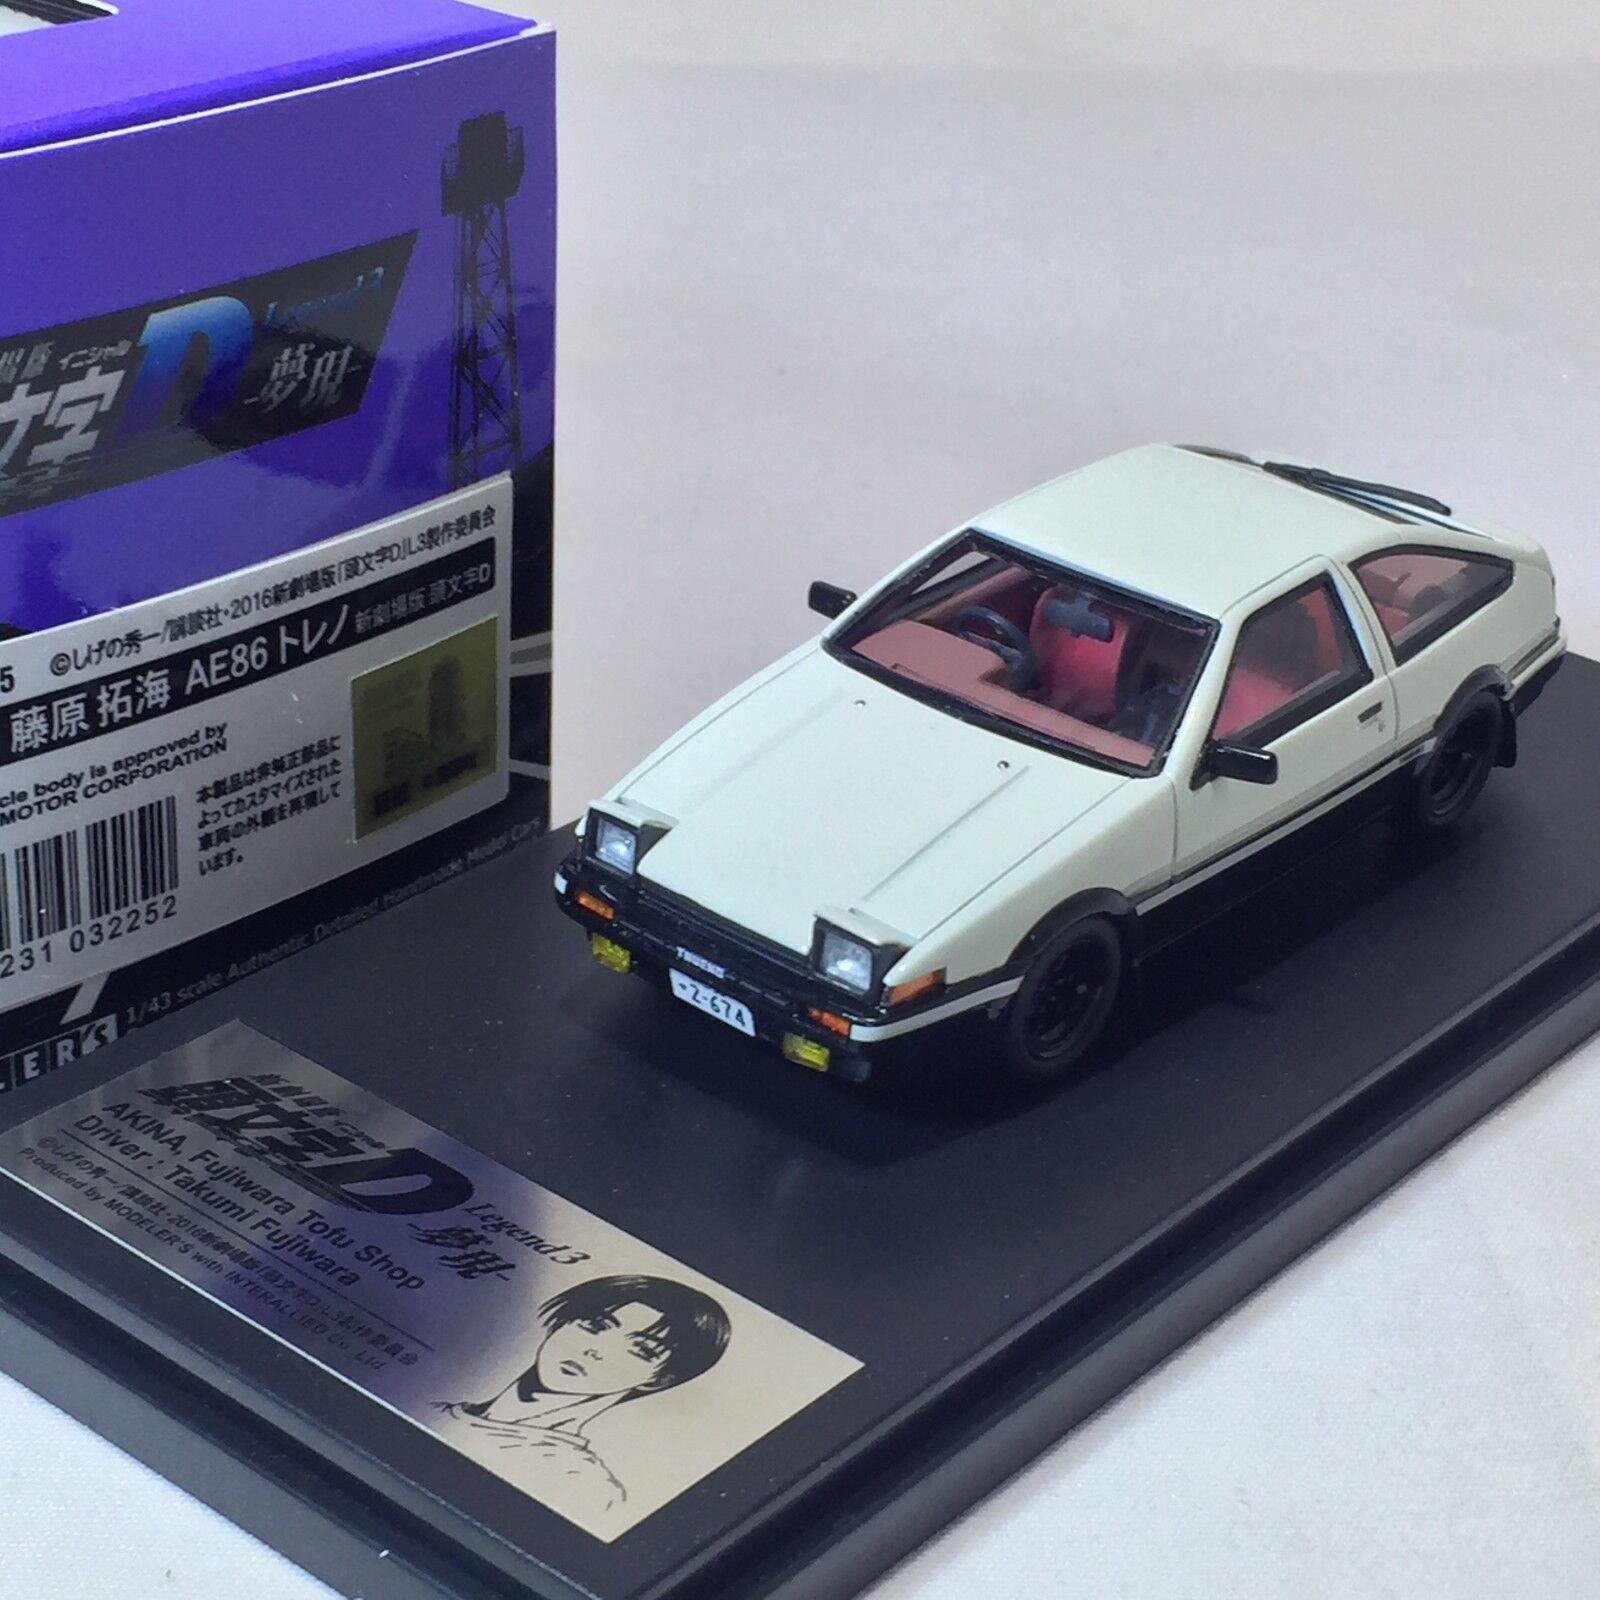 mejor calidad 1 43 43 43 Hi-Story Modeler's Jugueteota AE86 fujiwara tofu Shop leyenda 3 Initial D  ordene ahora los precios más bajos